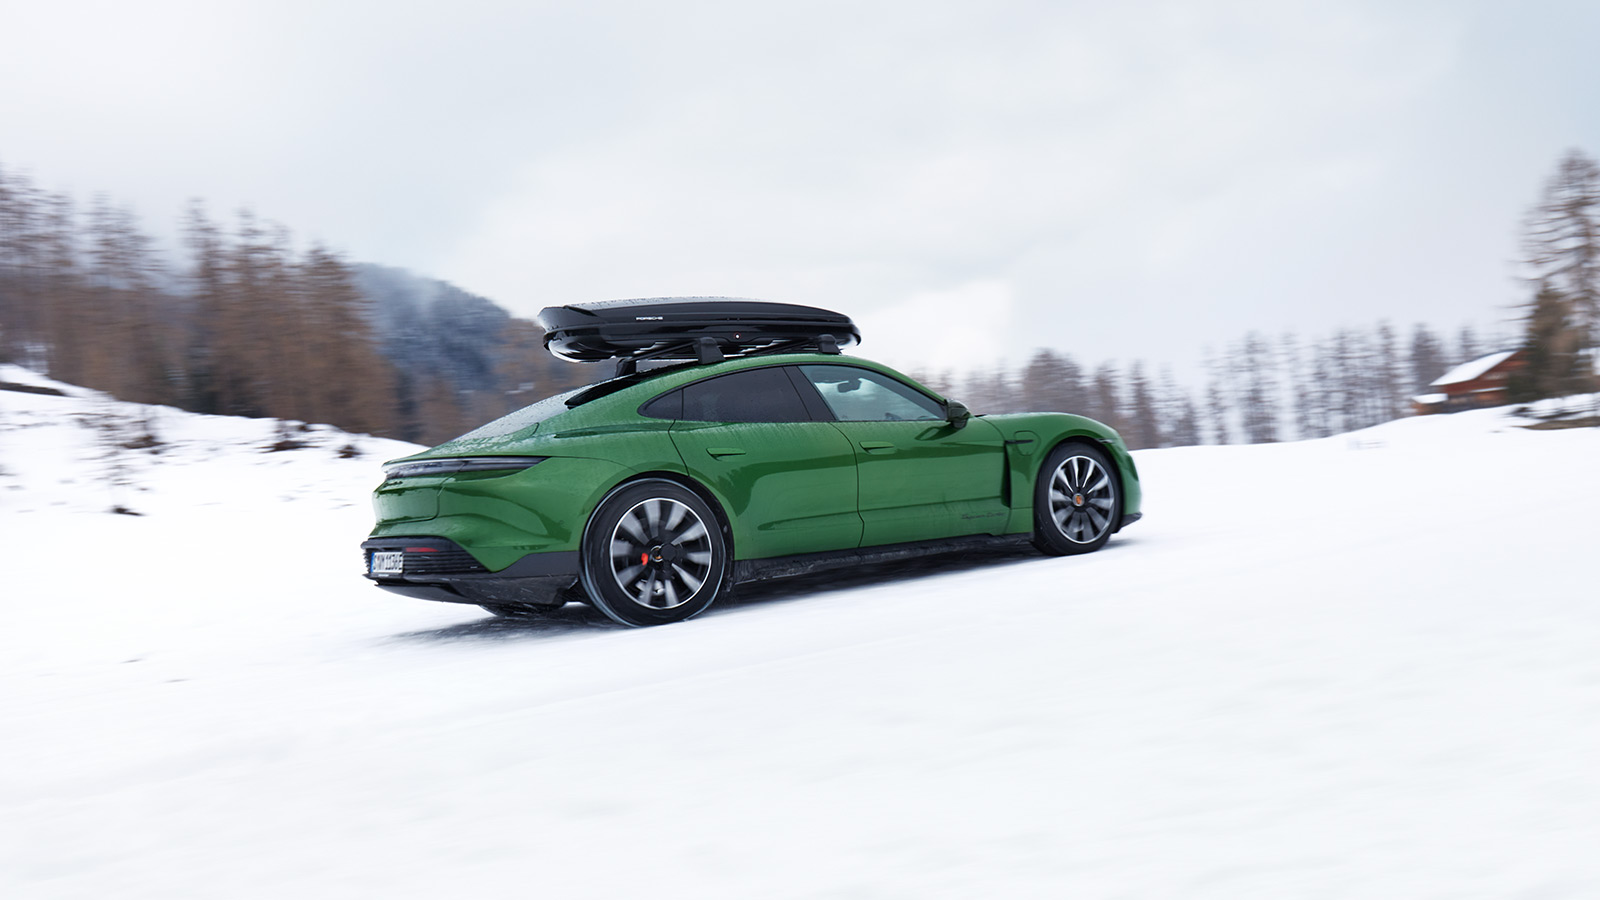 Porsche - ... wann es Zeit für Winterreifen wird?